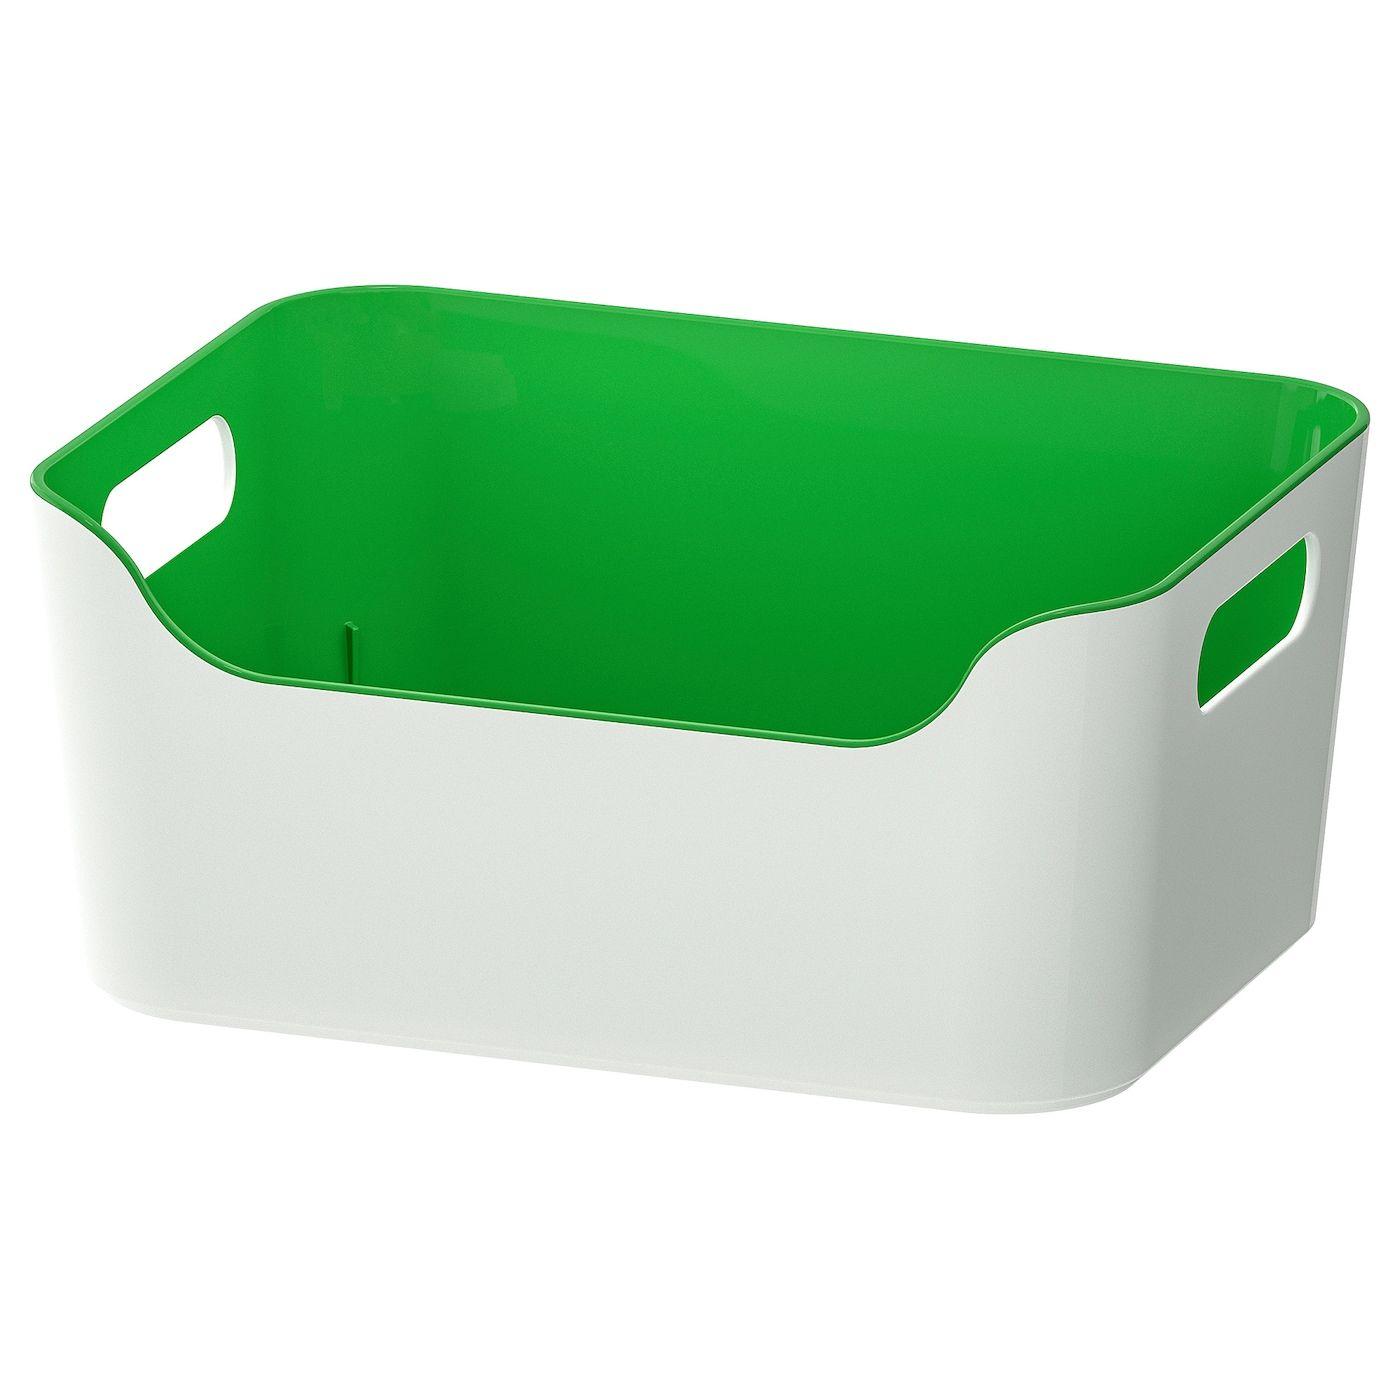 Variera Box Grun In 2020 Ikea Kuche Einrichten Und Ikea Variera